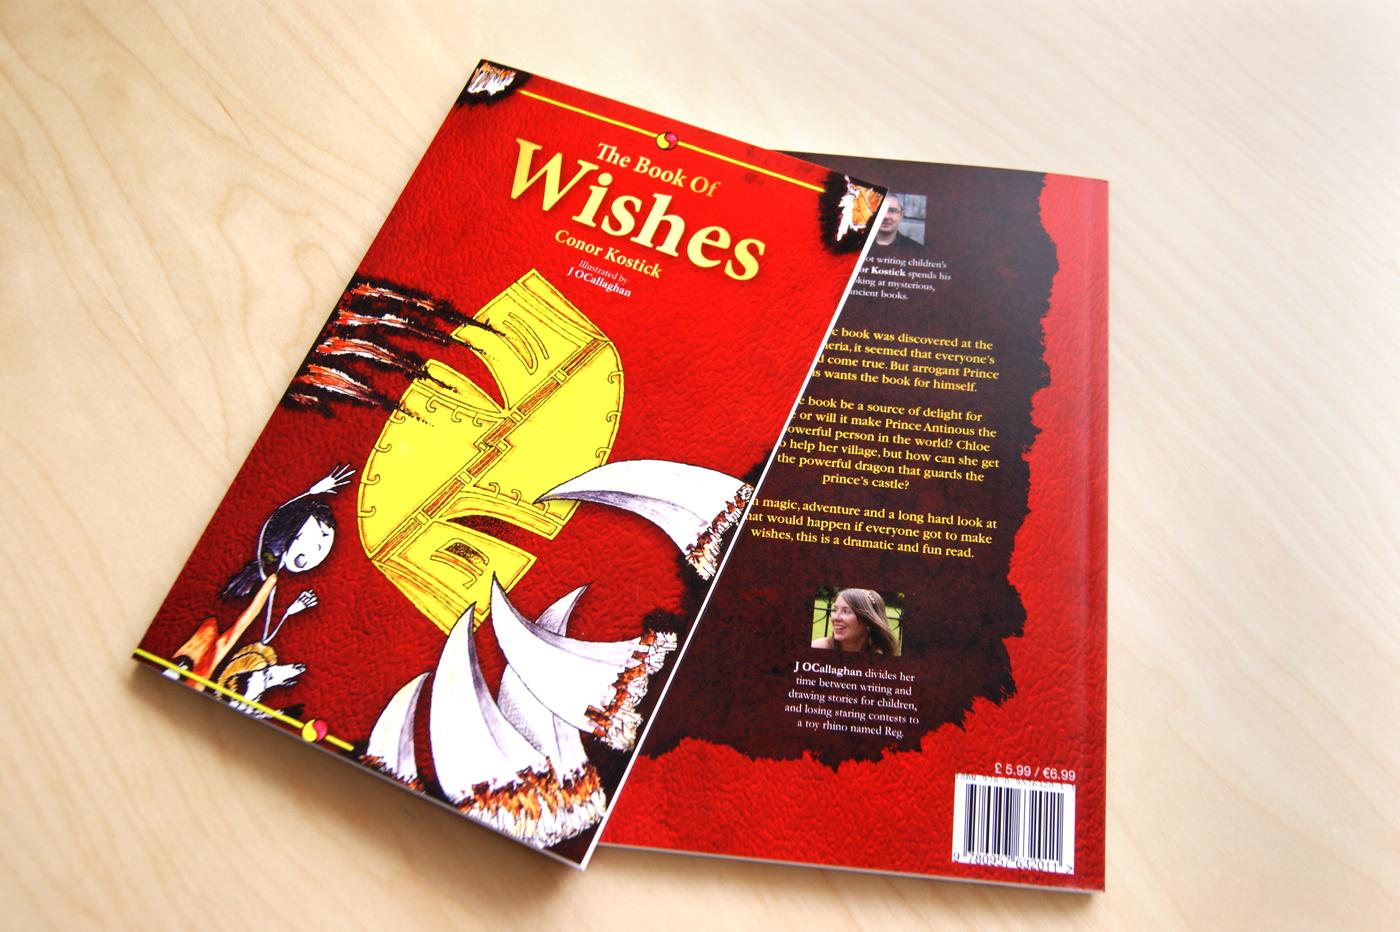 Book of Curses and Book of Wishes de Conor Kostick, Diseño de portadas y maquetación del libro